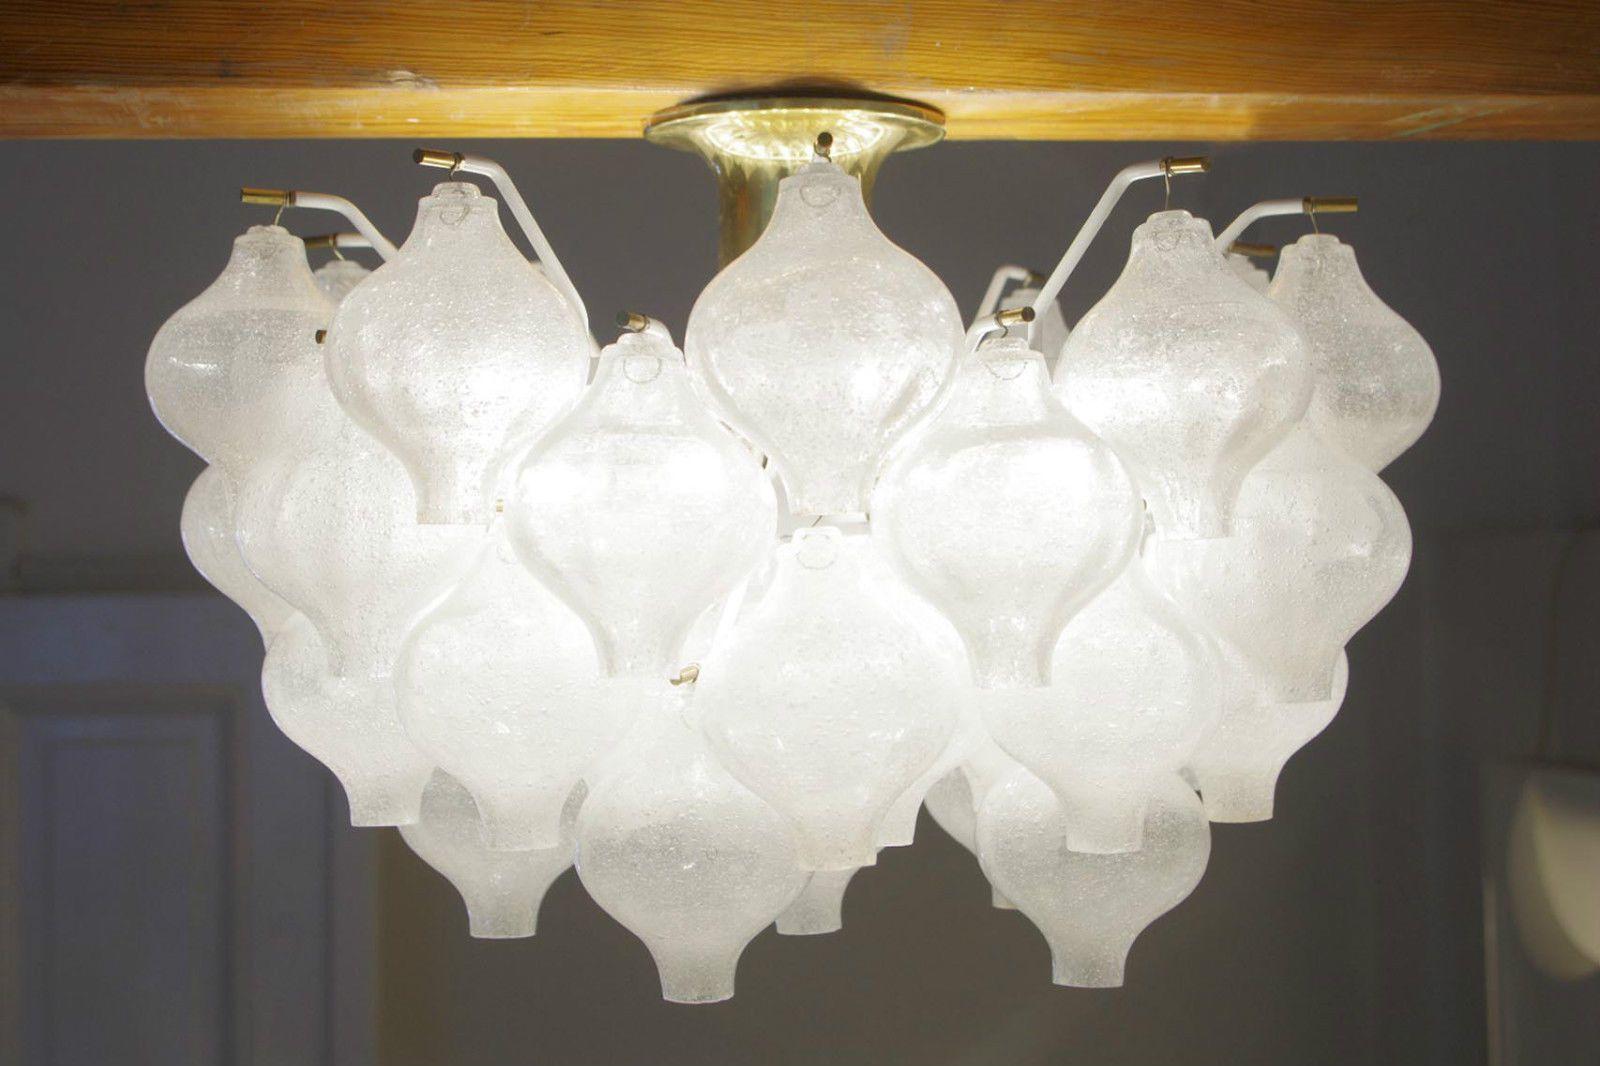 Lampe J T Kalmar Tulipan 1968 Chandelier Pendant Leuchter 50er 60er Design Vintage Chandelier Ceiling Lights Chandelier